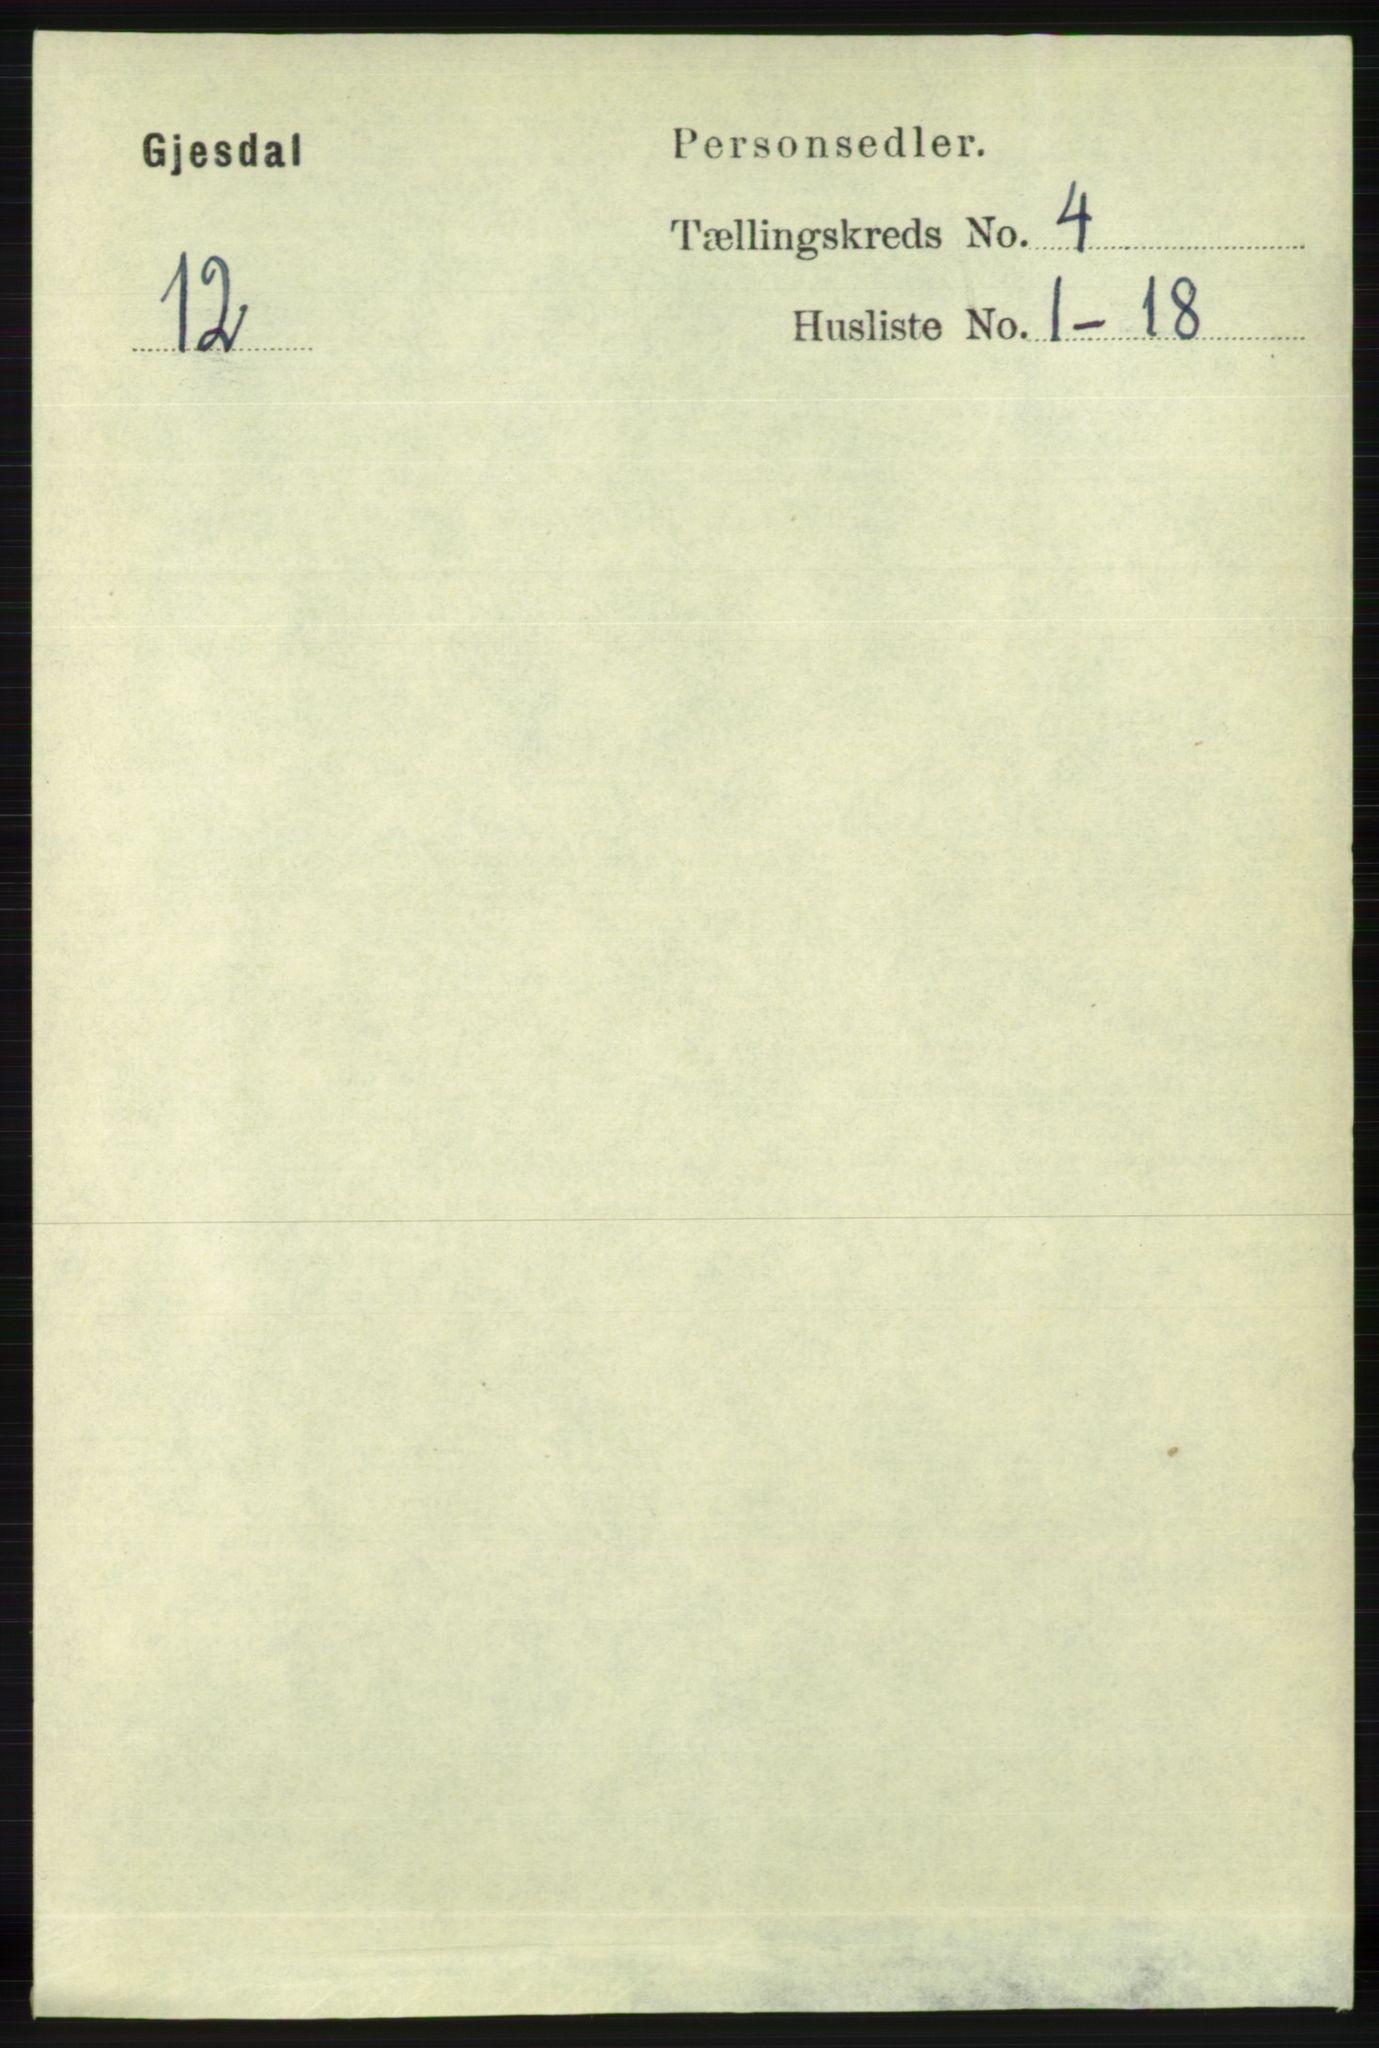 RA, Folketelling 1891 for 1122 Gjesdal herred, 1891, s. 1181